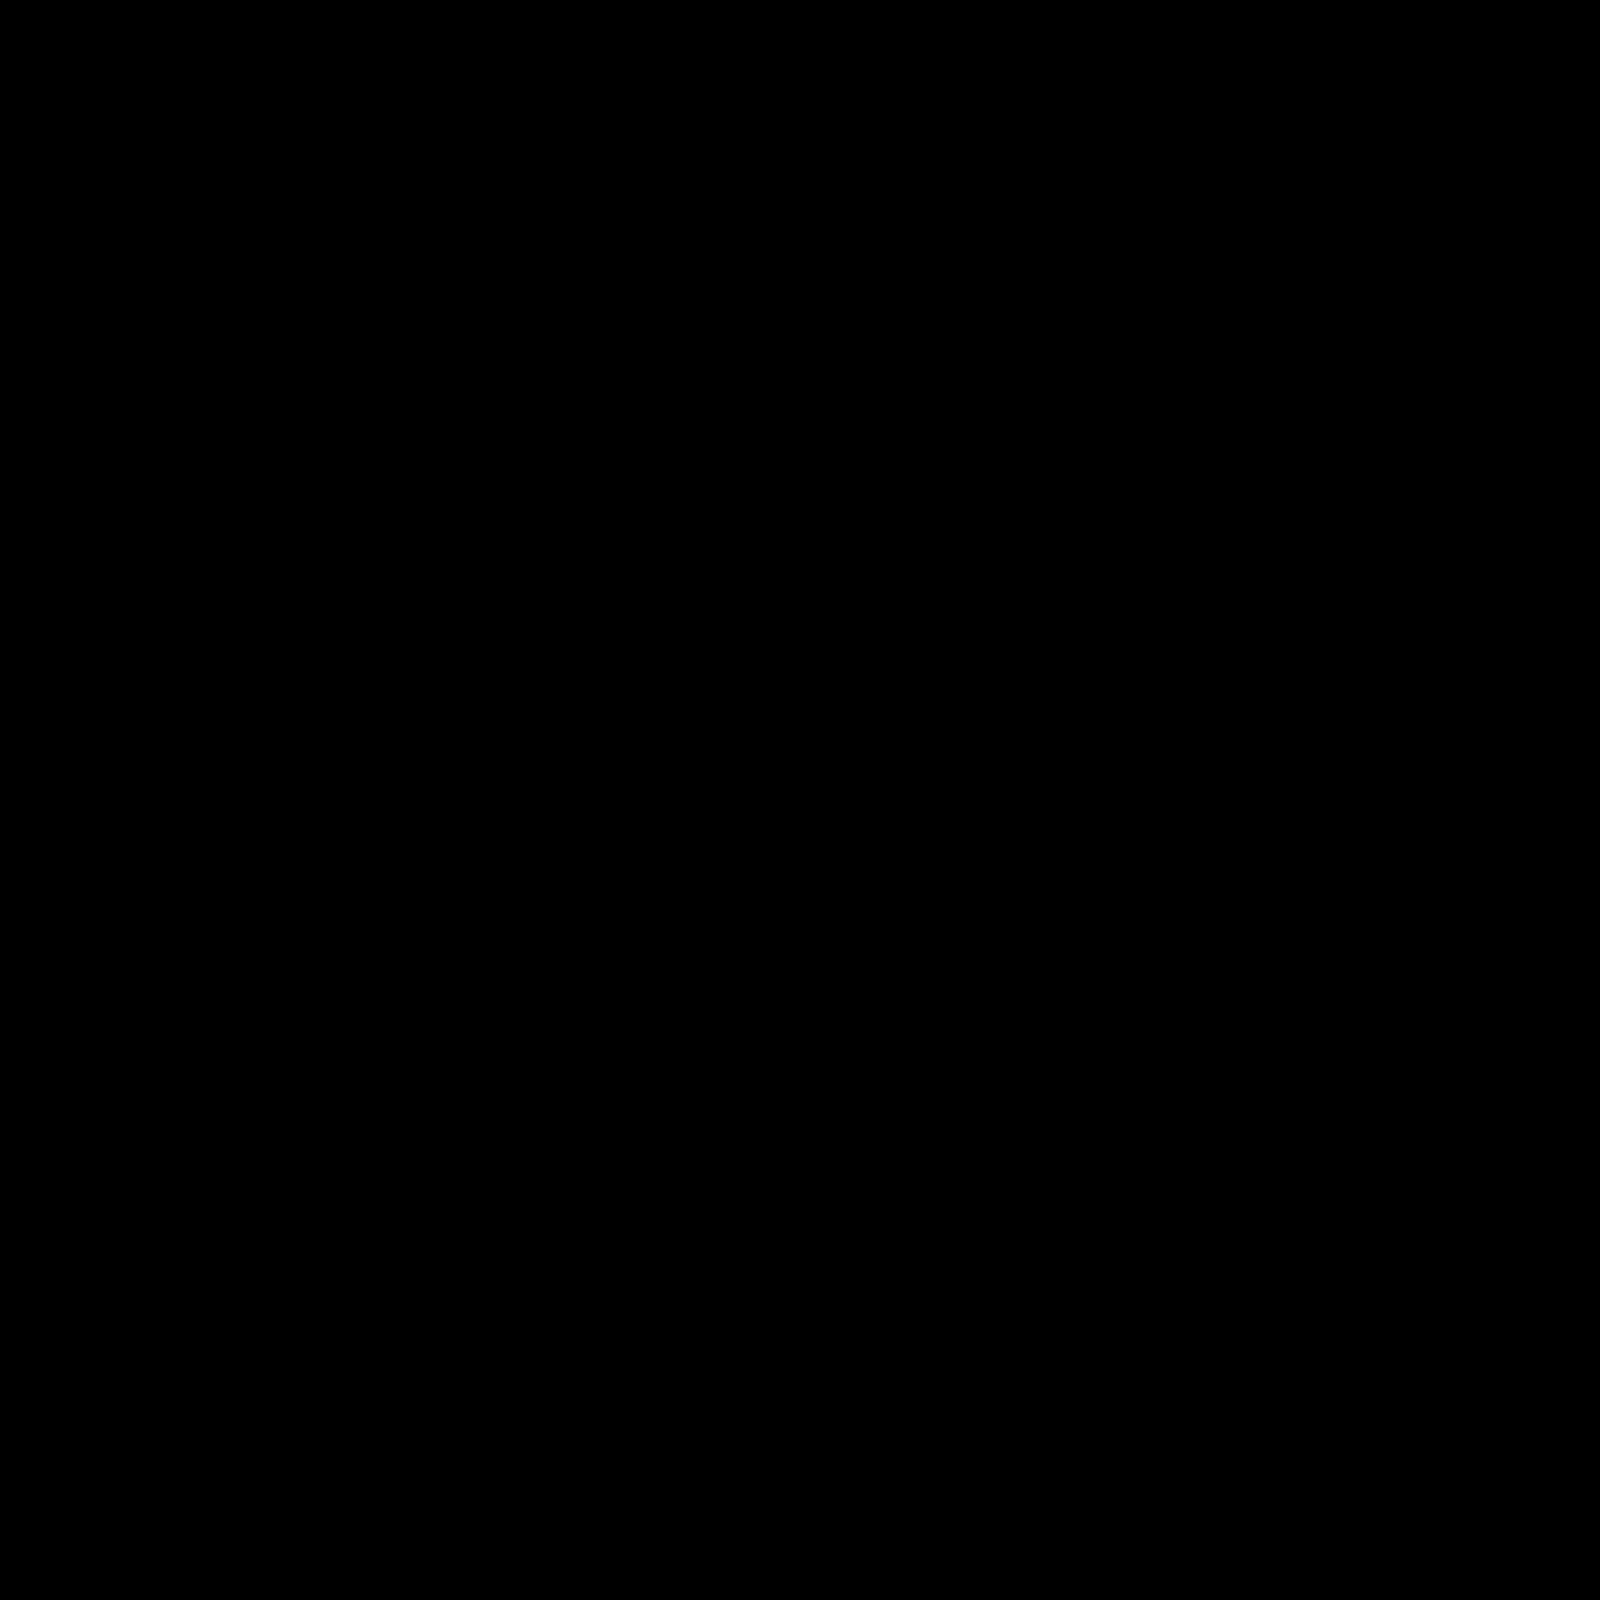 environnement - Marcorignan icône débroussaillage